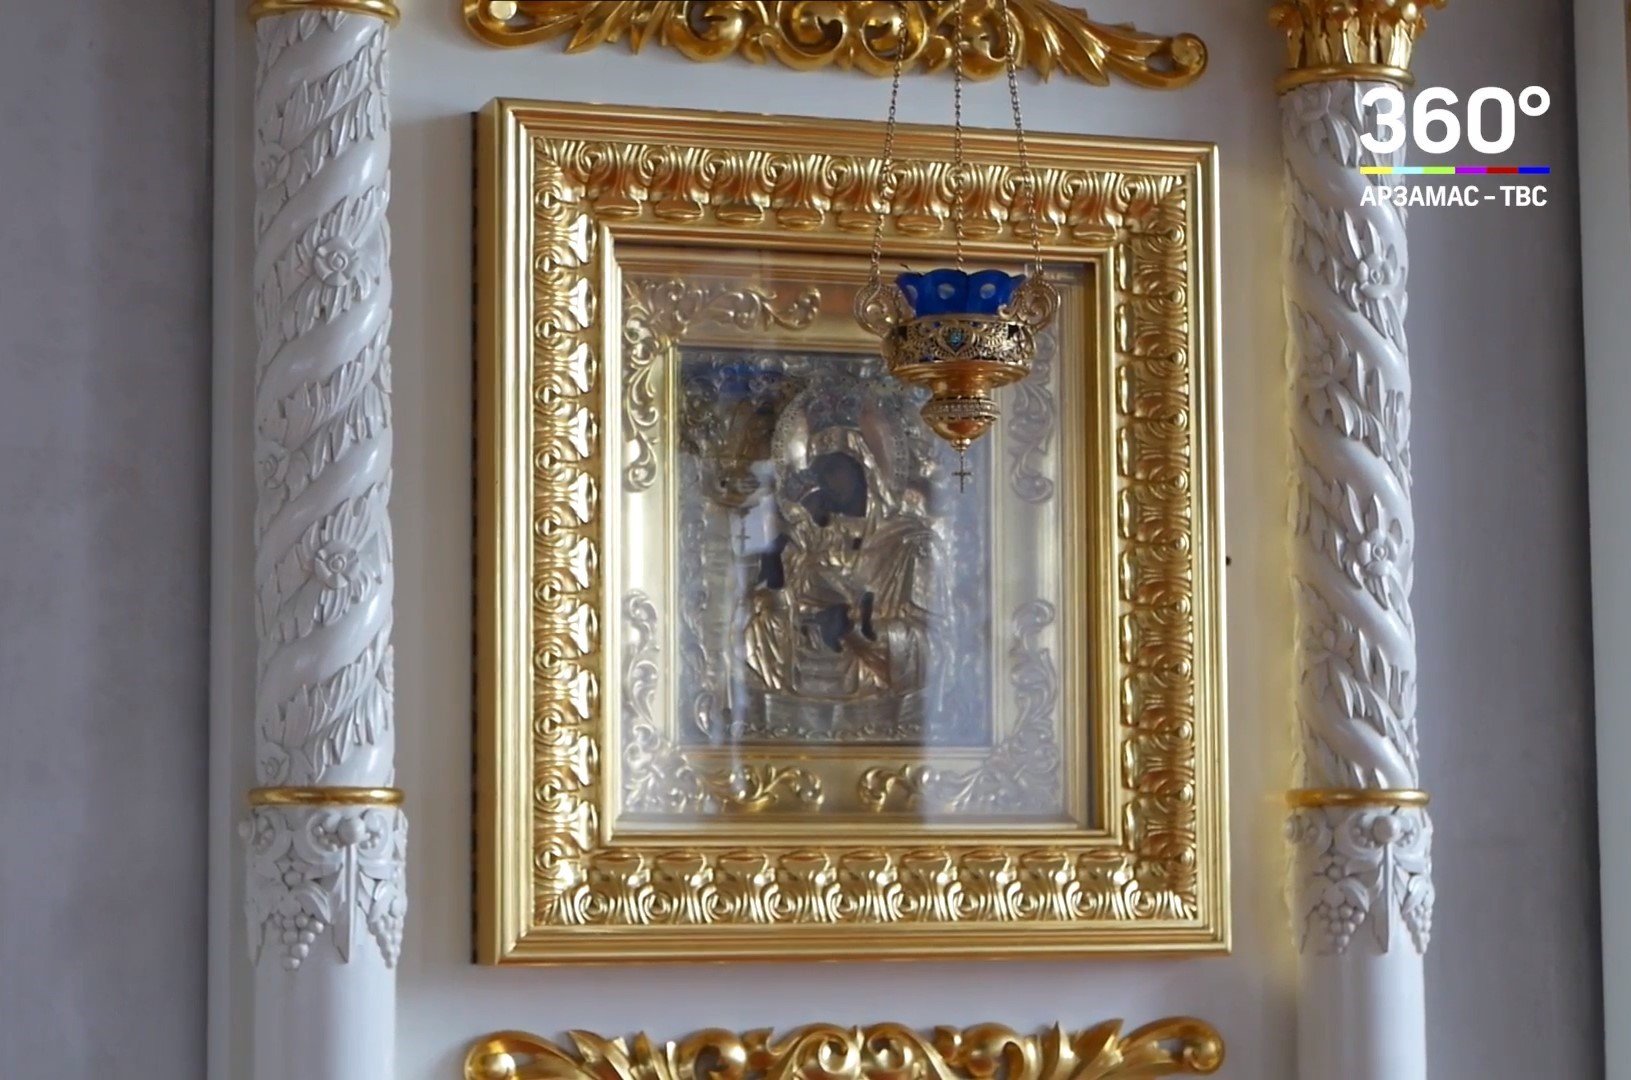 Видеосюжет про иконы Божией Матери «Достойно есть» вышел на телеканале ТВС-Арзамас